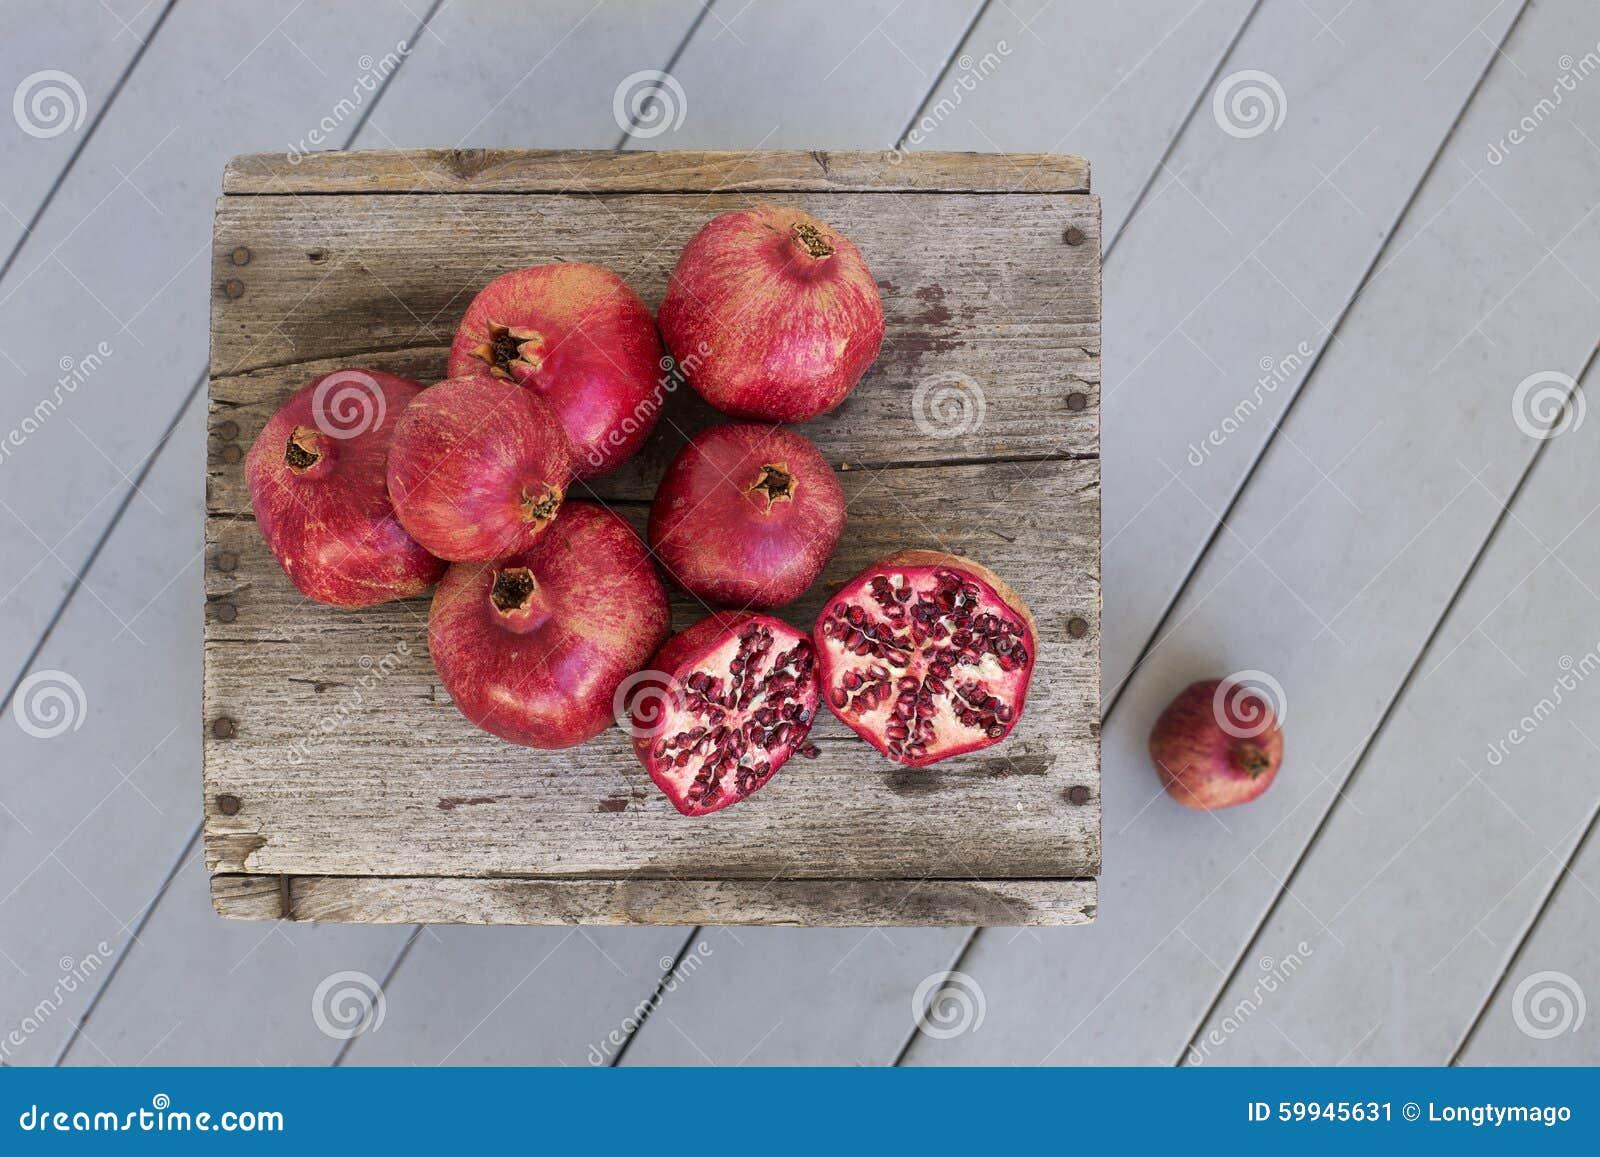 Overhead of Pomegranates on weathered wood